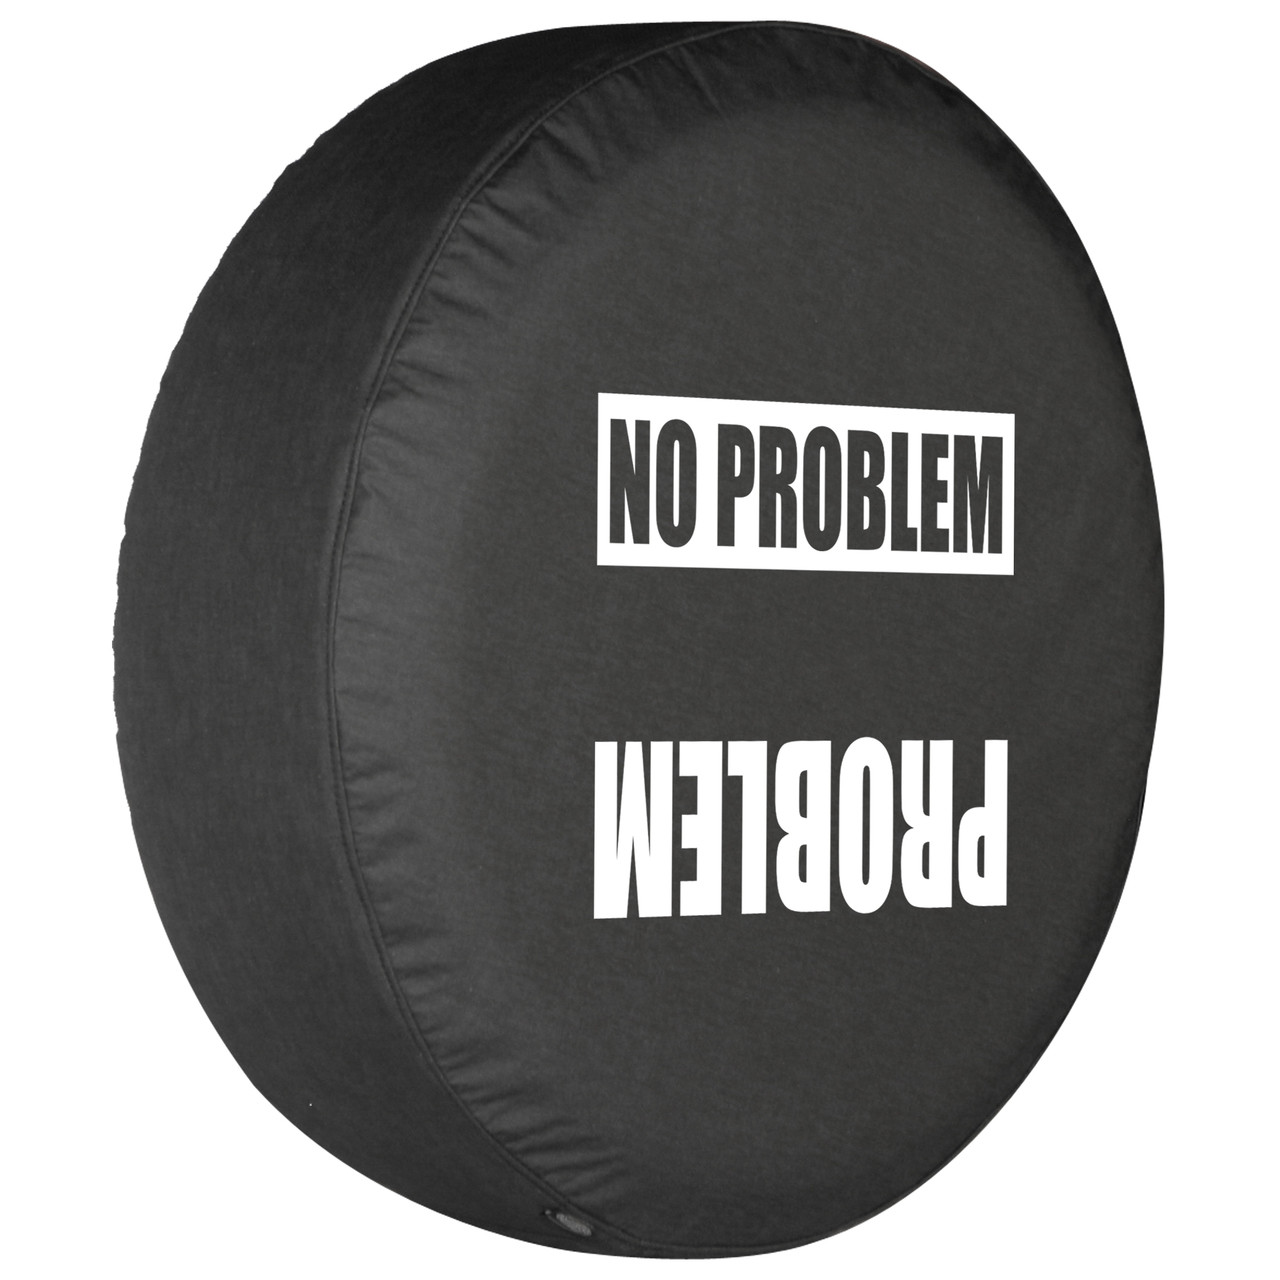 problem no problem soft denim vinyl tire cover by boomerang [ 1280 x 1280 Pixel ]